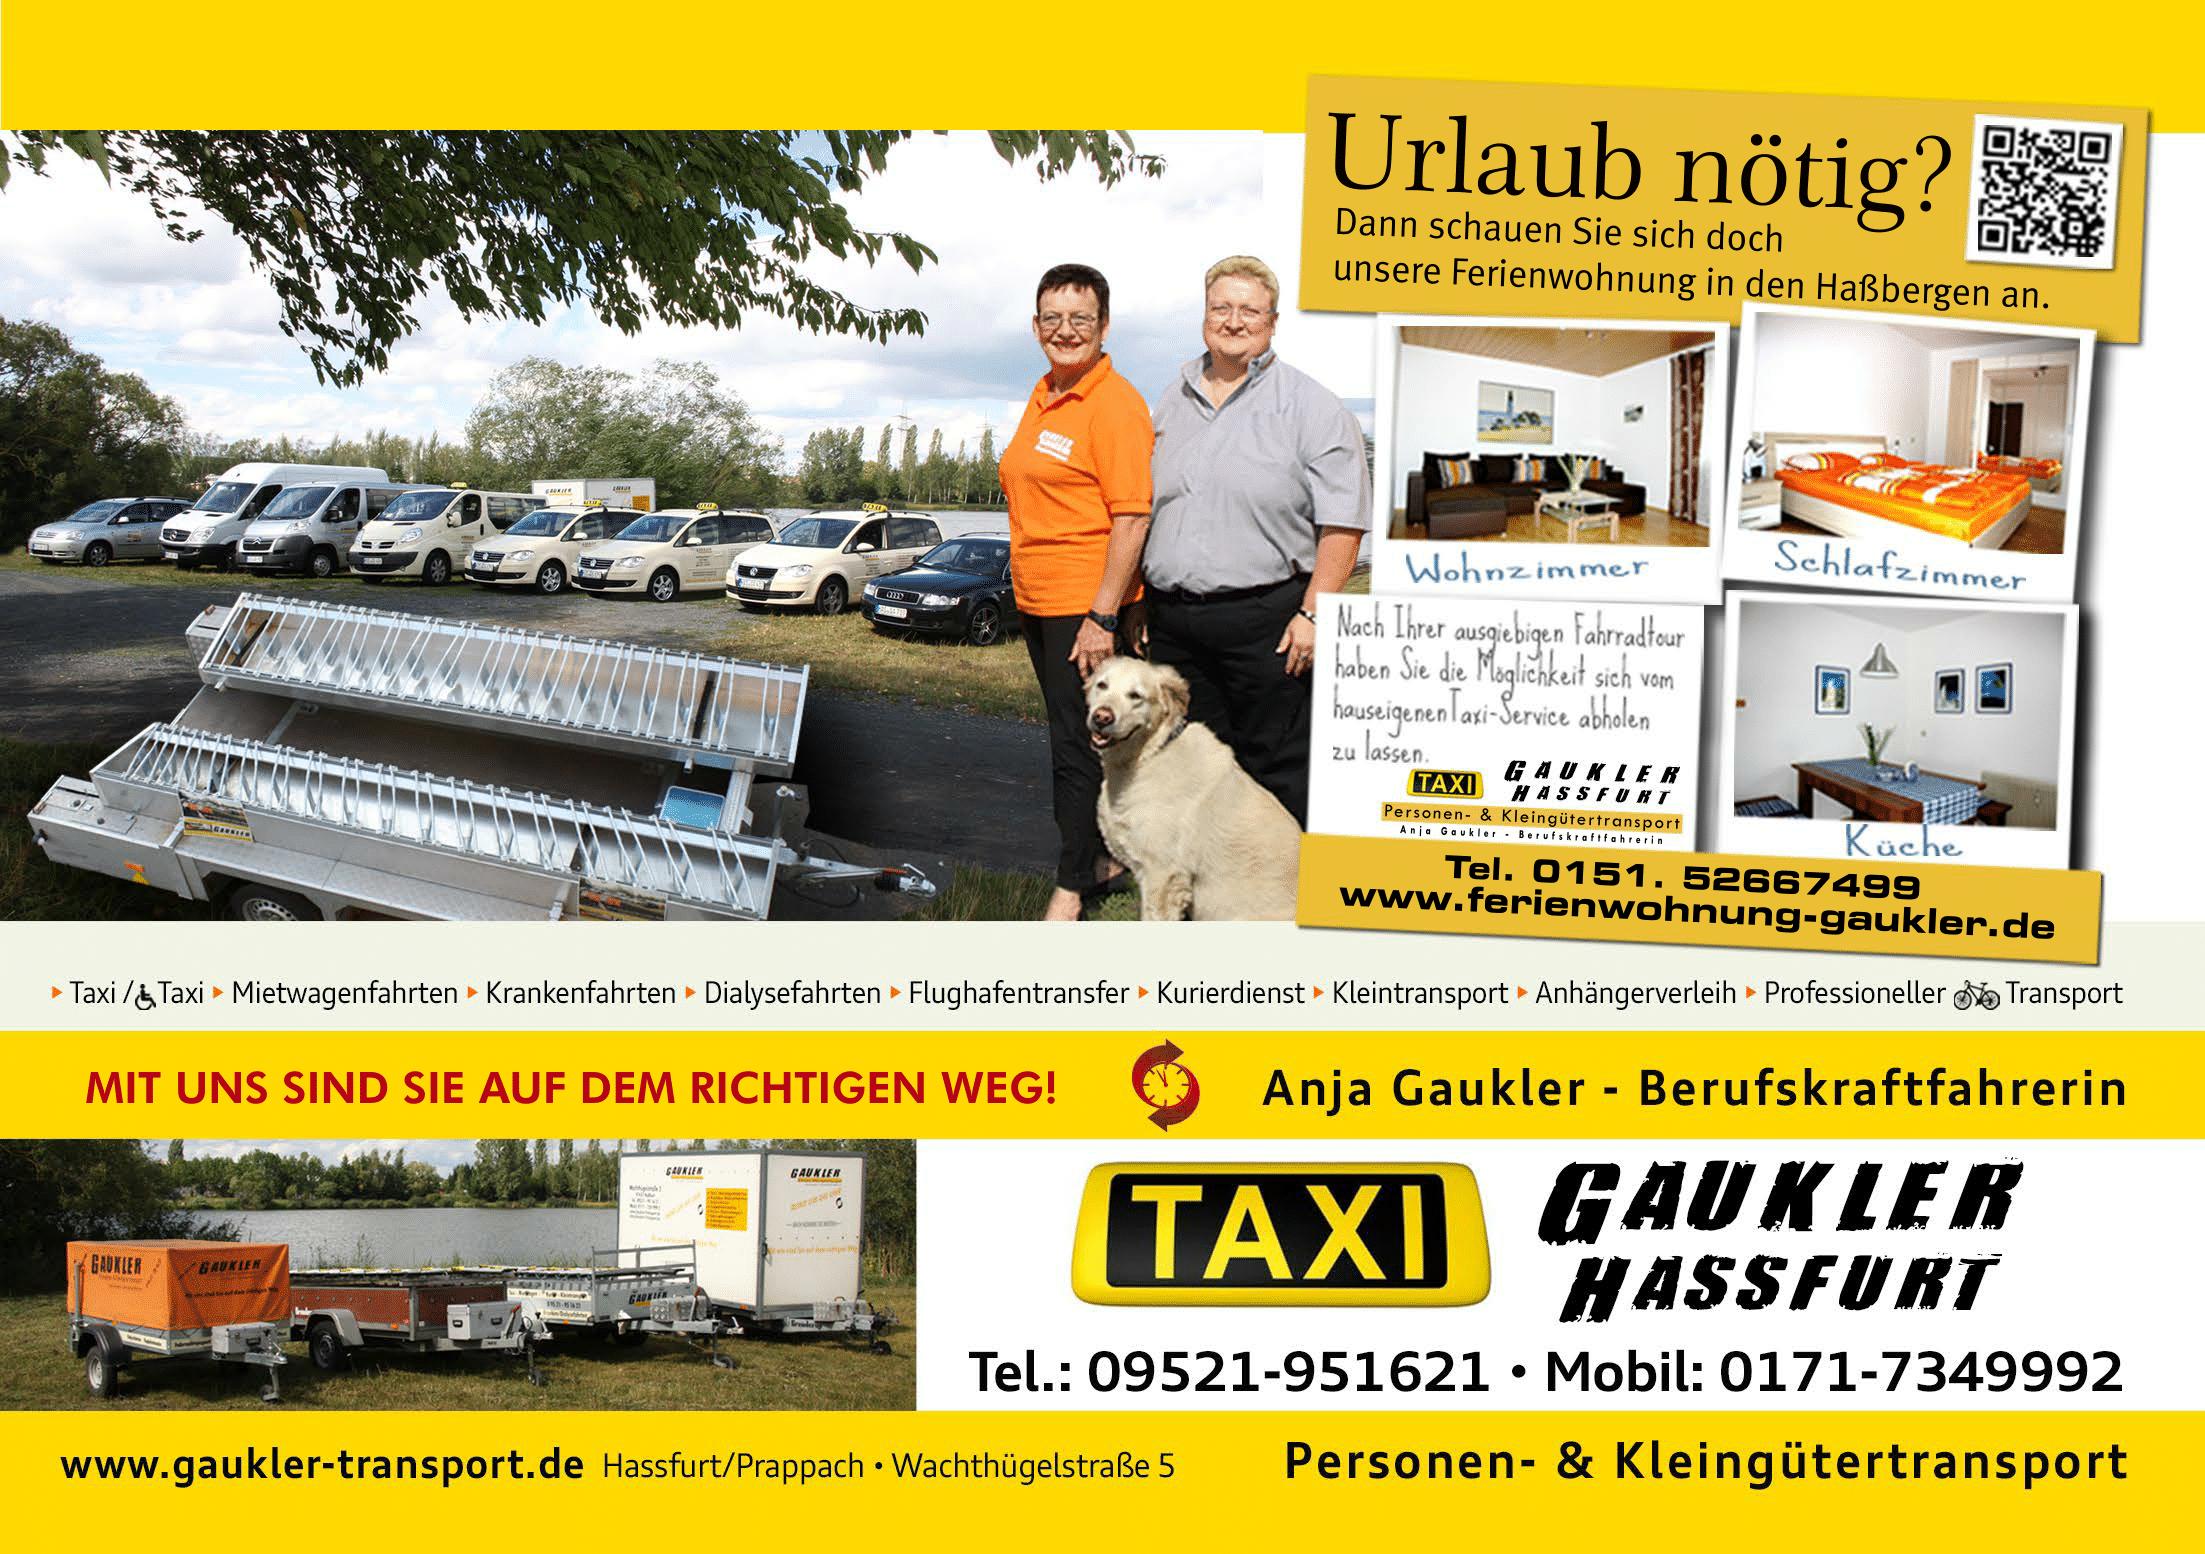 taxi-gaukler-hassfurt-3-1